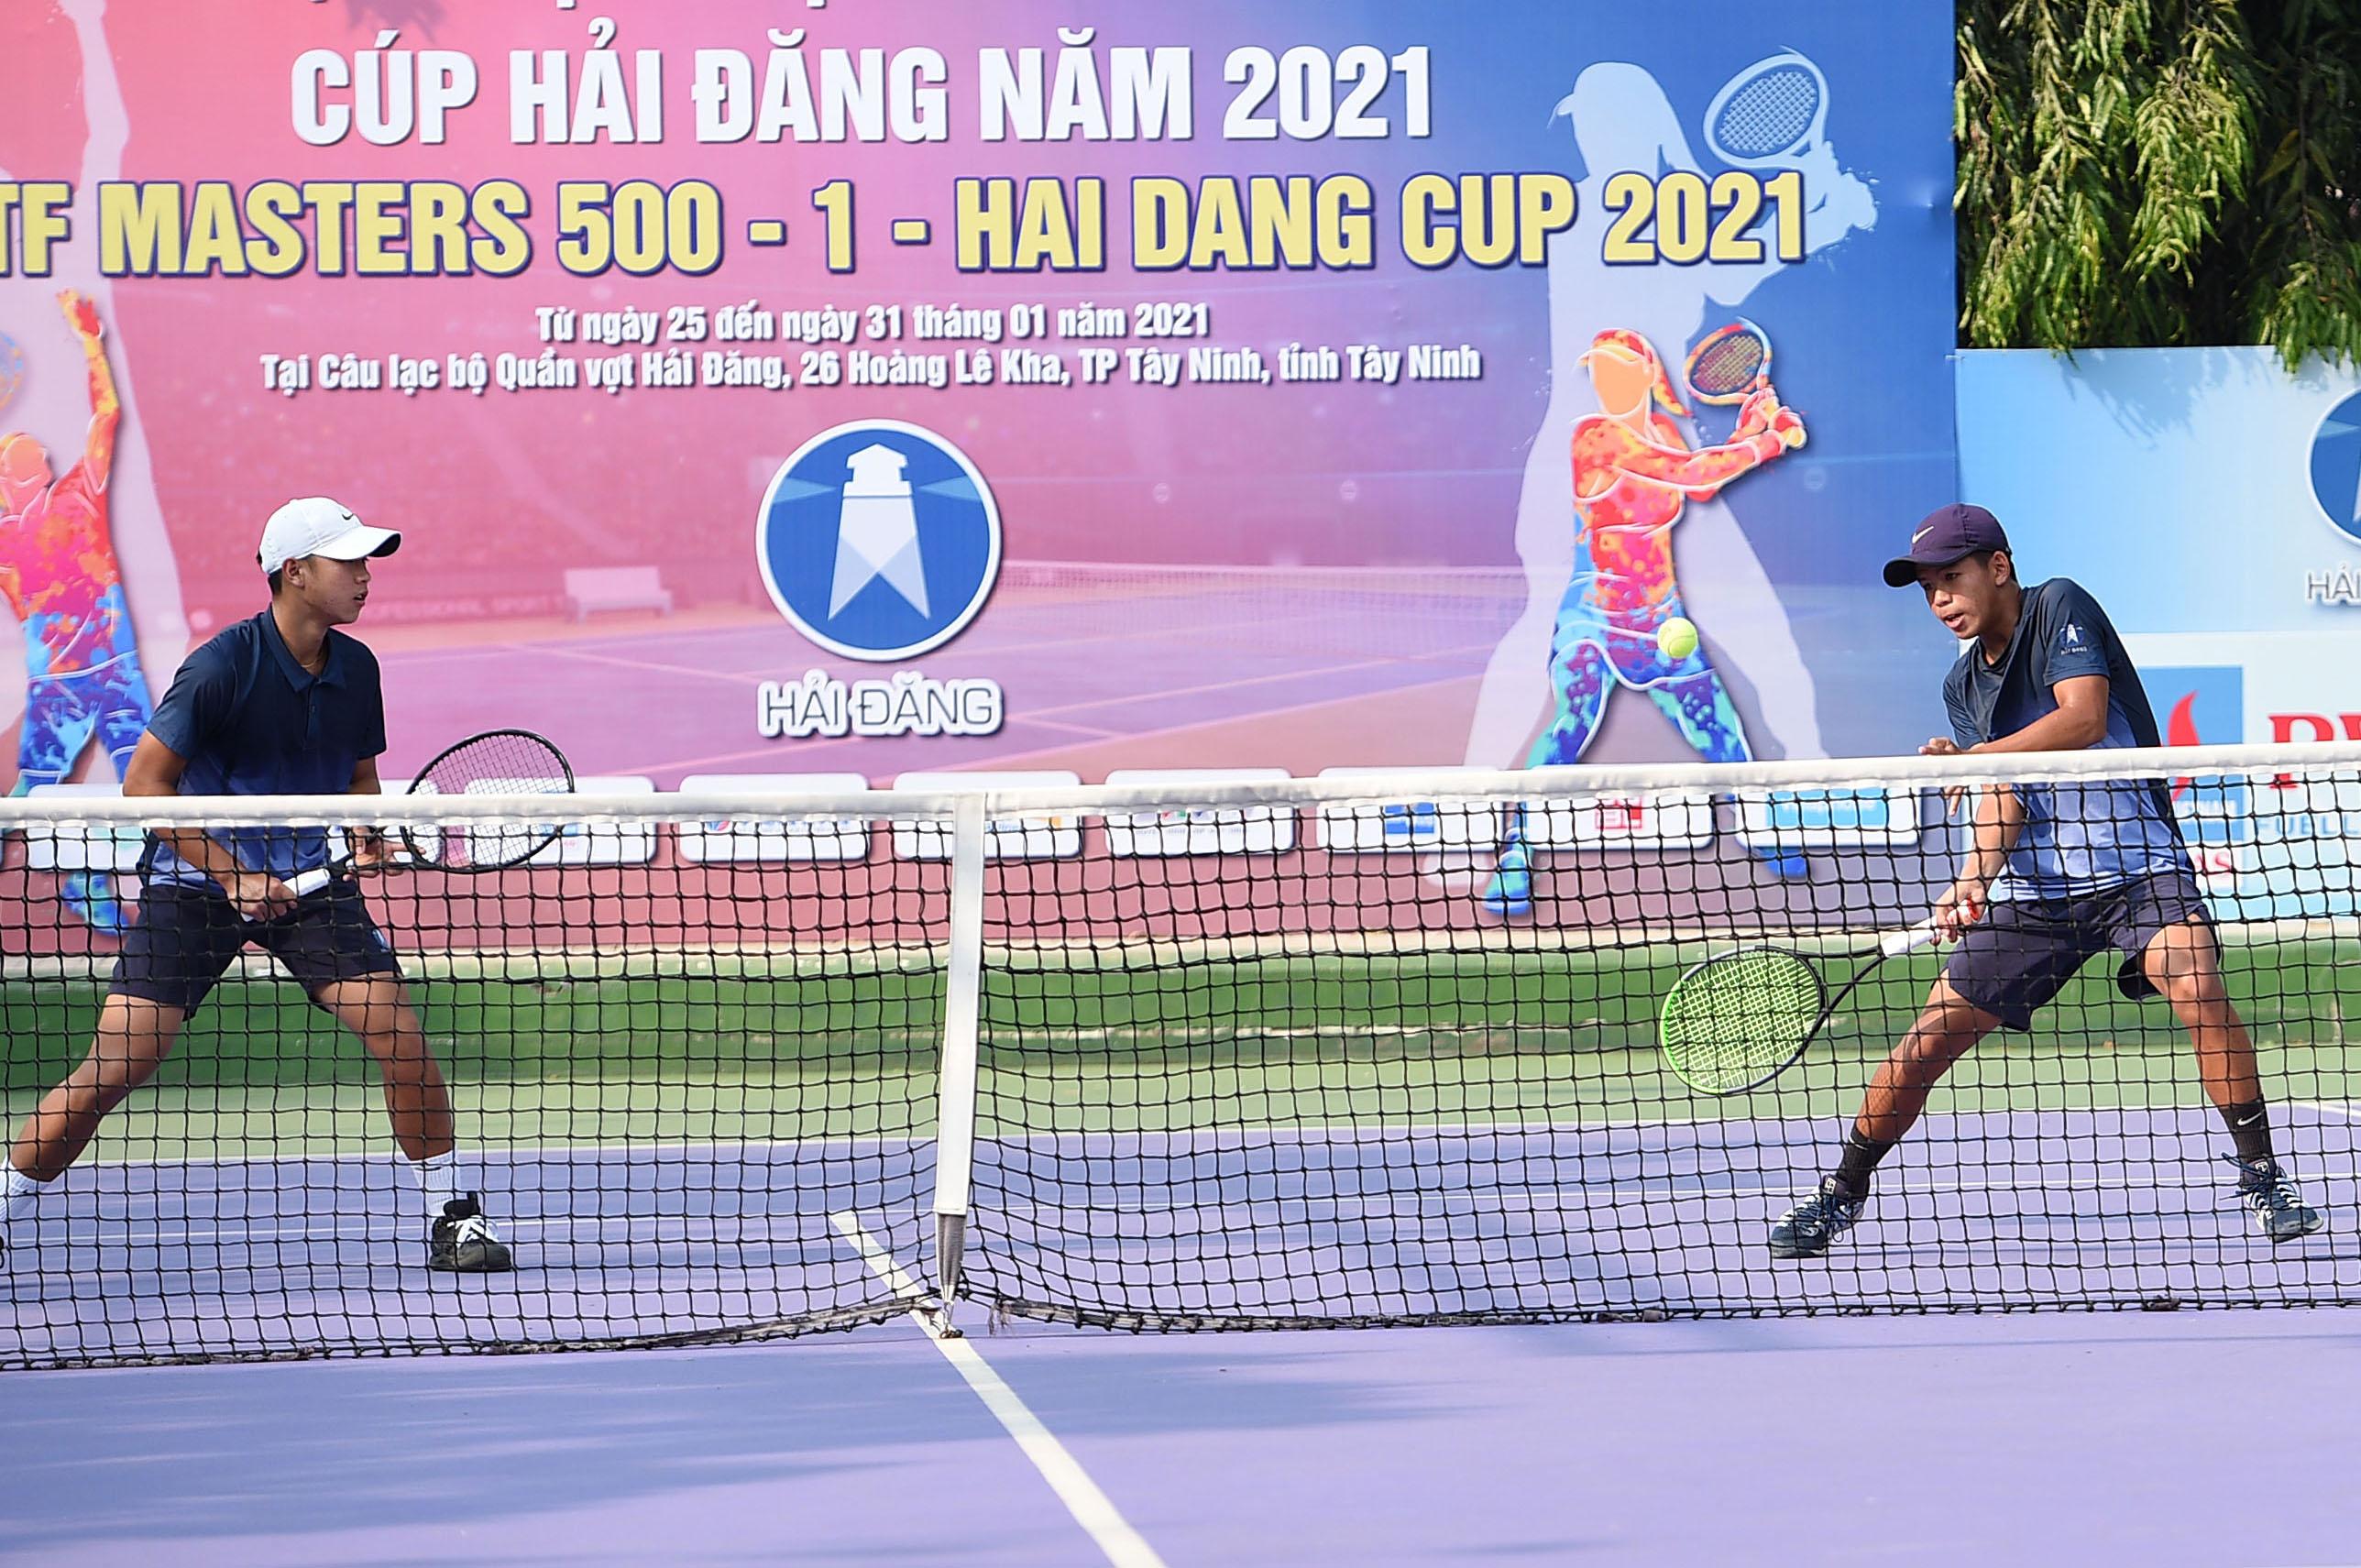 Hình ảnh: Giải quần vợt VTF Masters 500 đầu tiên trong năm 2021 chính khởi tranh số 3